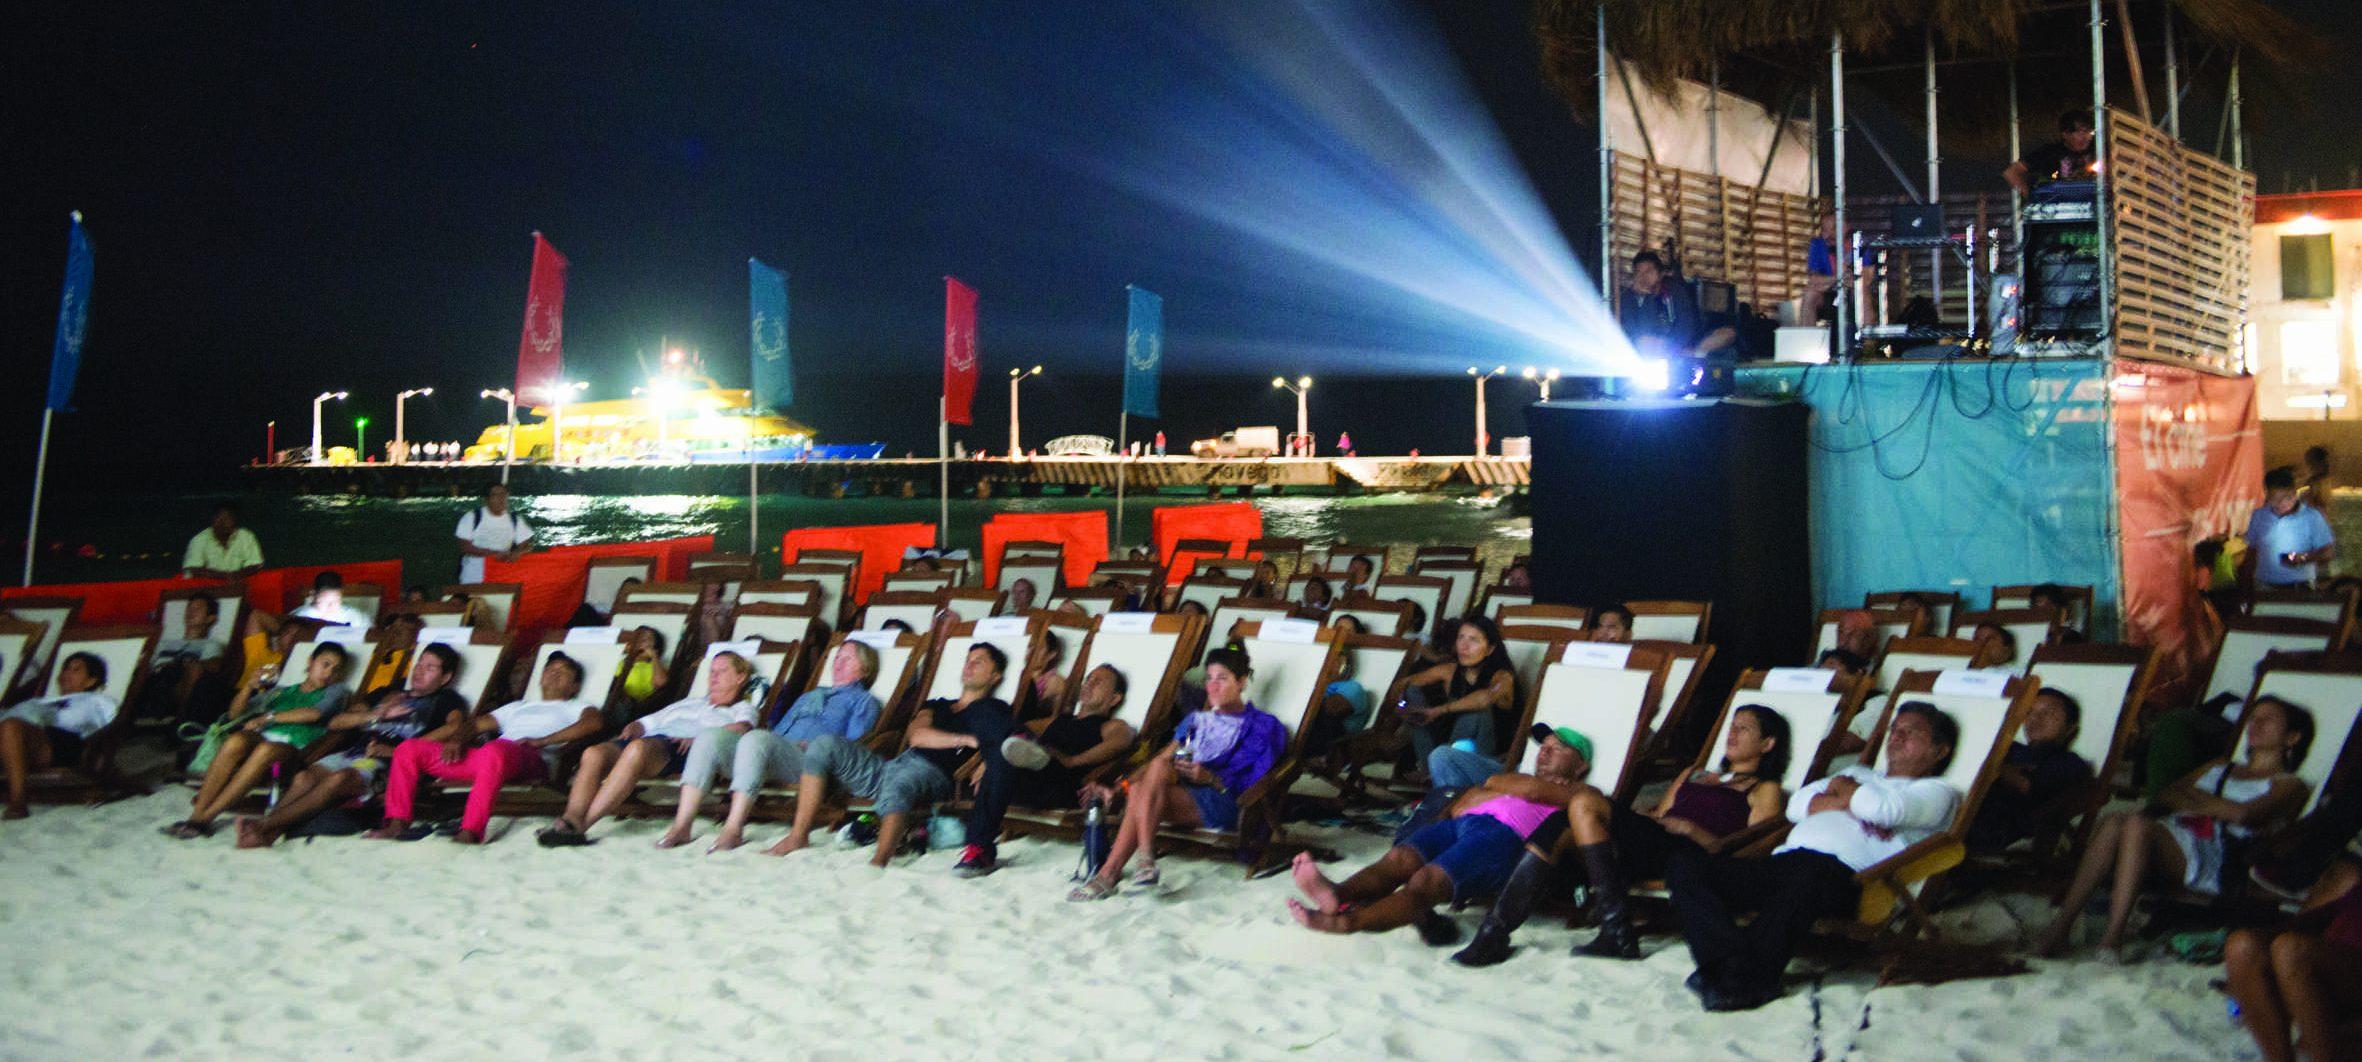 el cine club things to do in playa del carmen